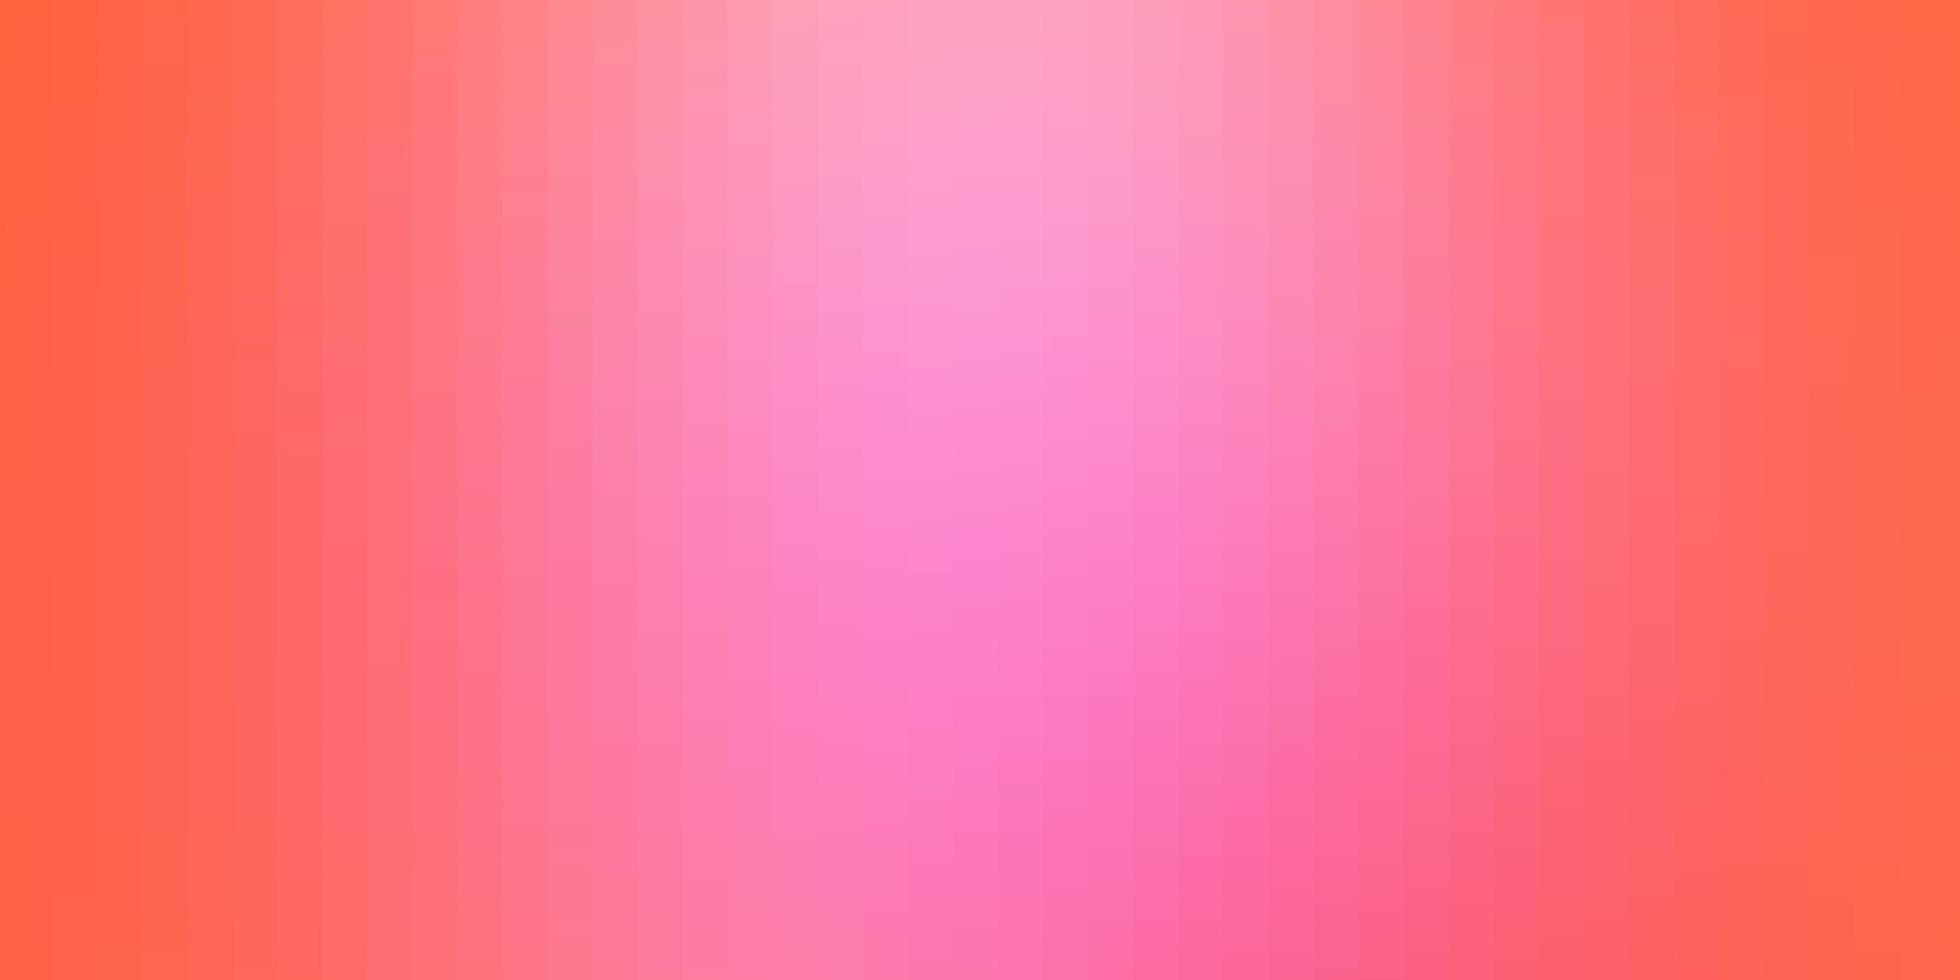 modelo de vetor rosa claro com retângulos.